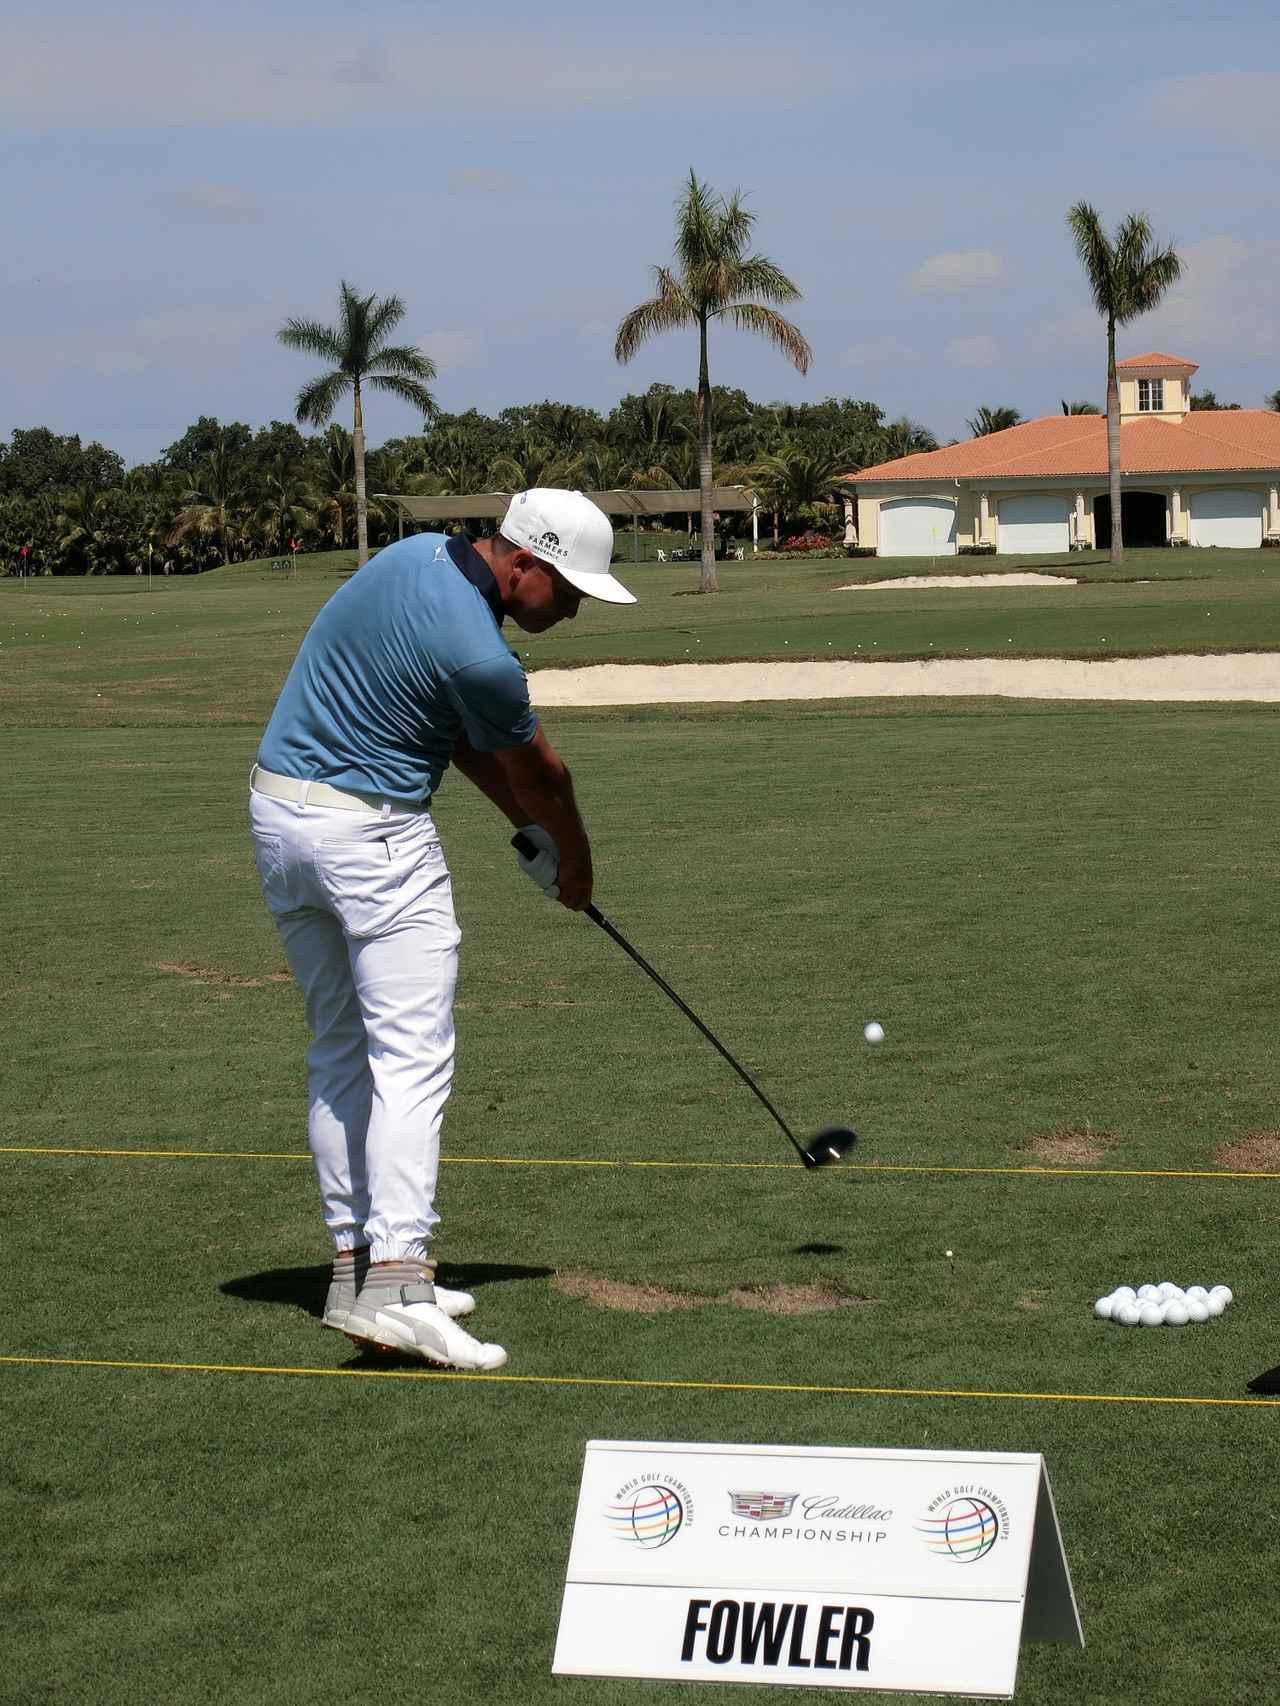 画像4: リッキー・ファウラーのココが凄い!PGAツアー スウィング超解説⑤